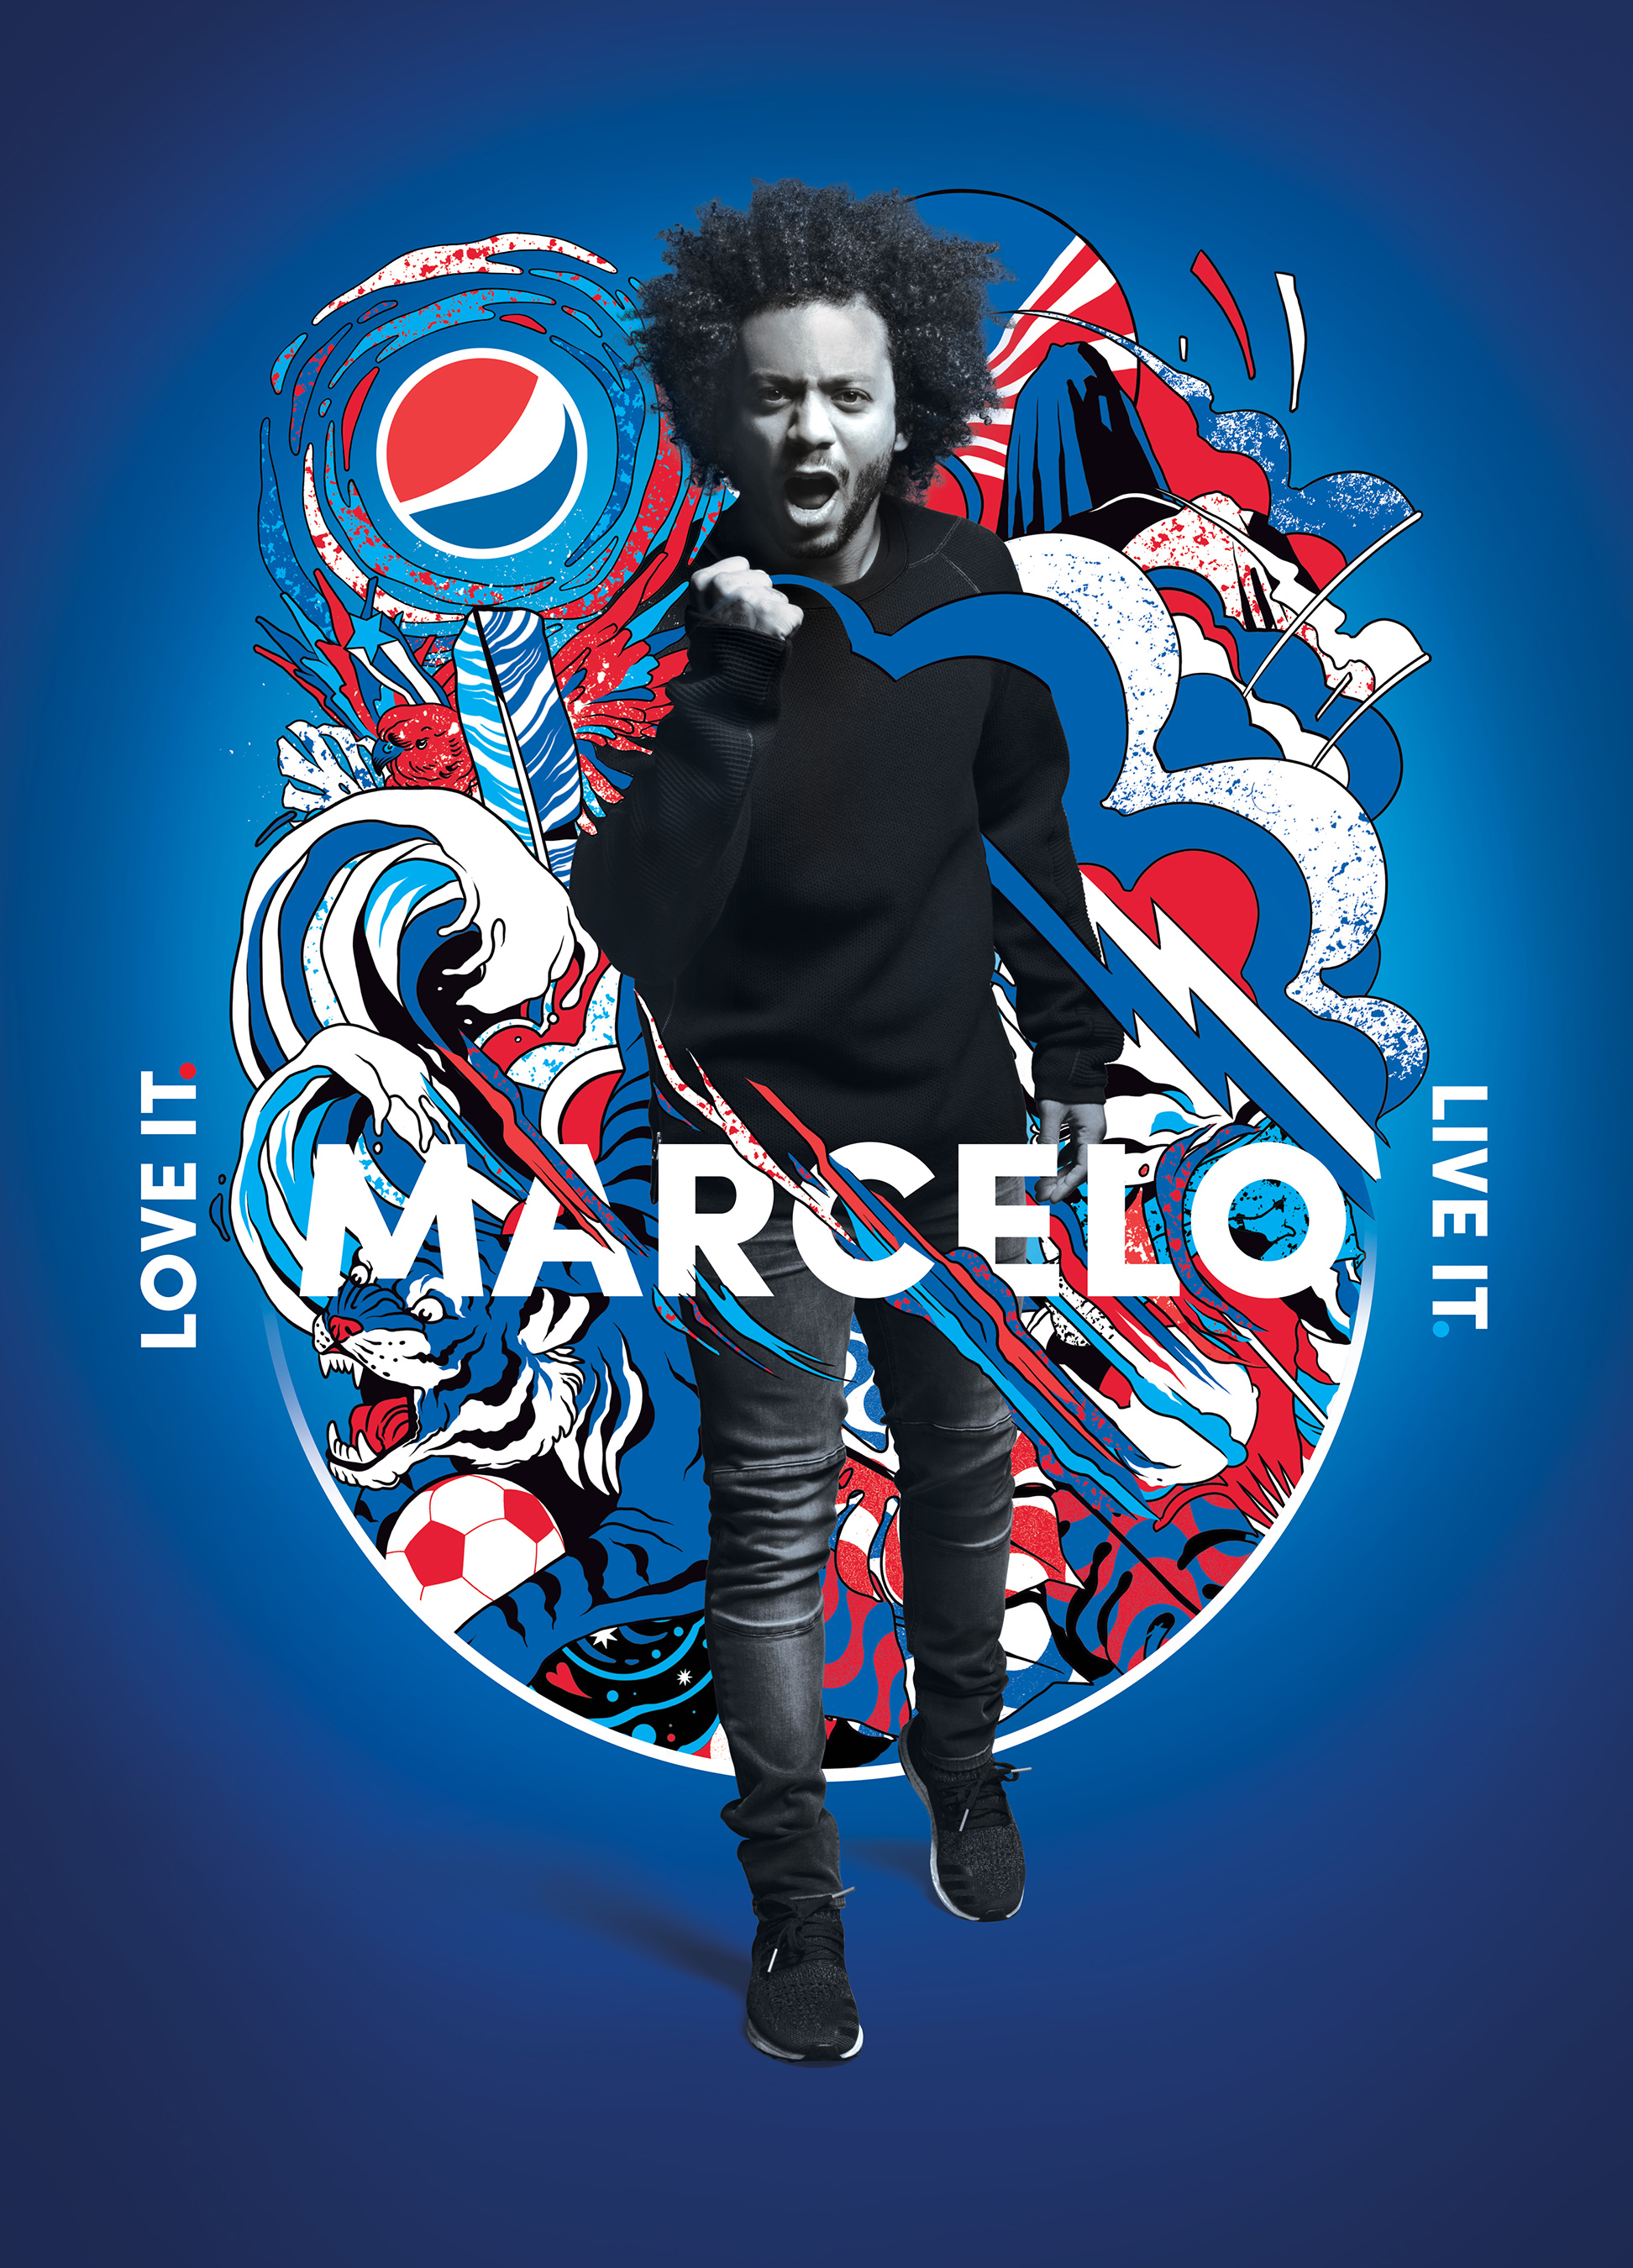 把世界画ᡂ蓝色:2018全球广告片主题是热爱足球ࠊ积极参